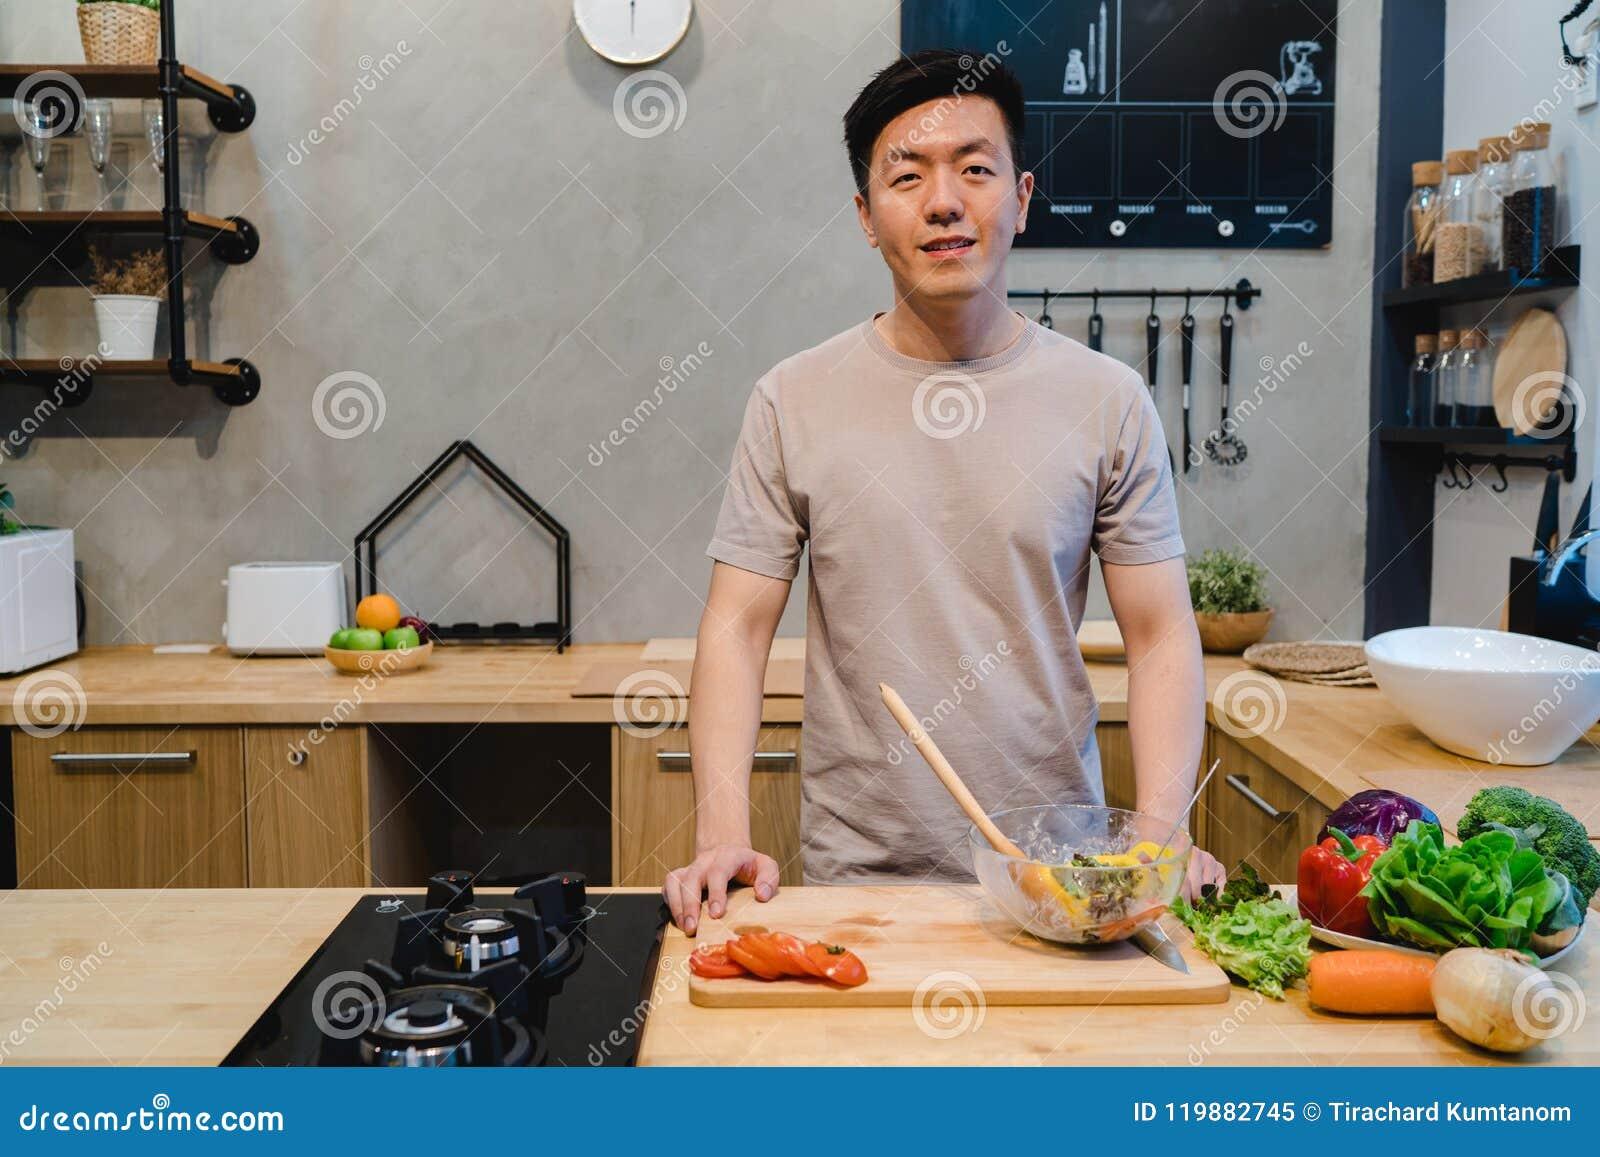 Το νέο όμορφο ασιατικό άτομο προετοιμάζει τα τρόφιμα και το μαγείρεμα σαλάτας στην κουζίνα